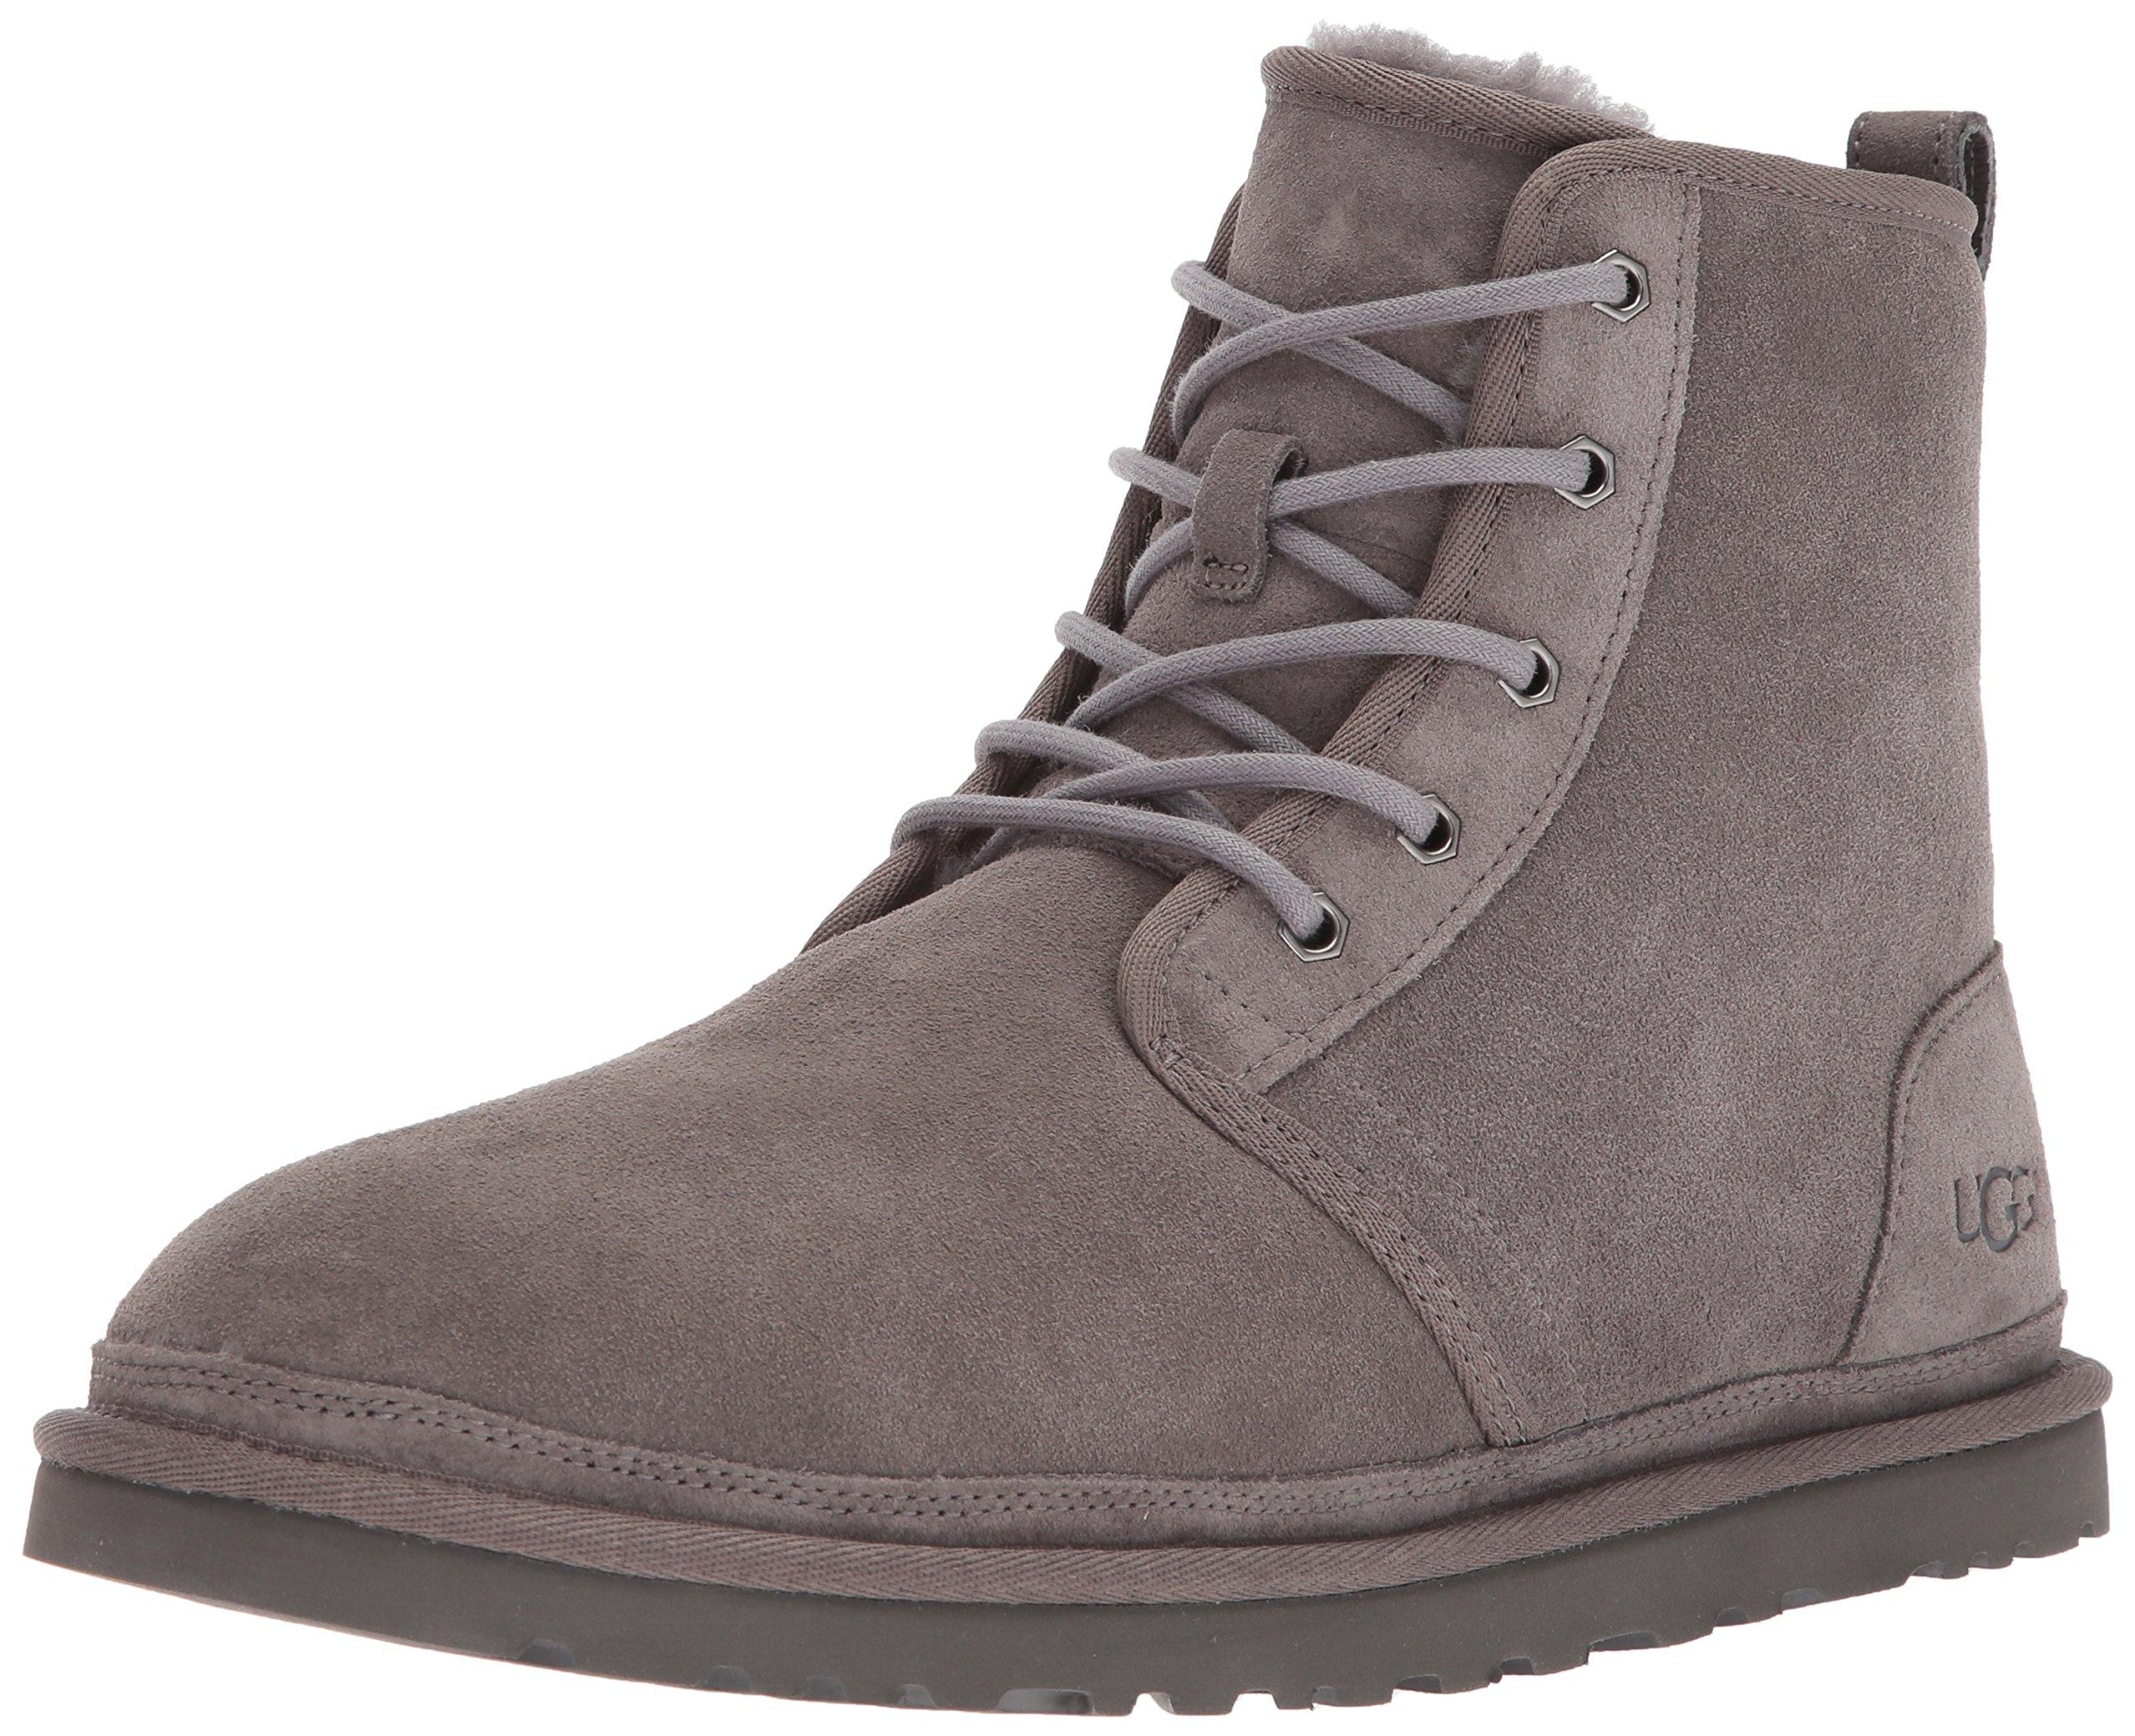 UGG Men's Harkley Sneaker, Charcoal, 16 M US